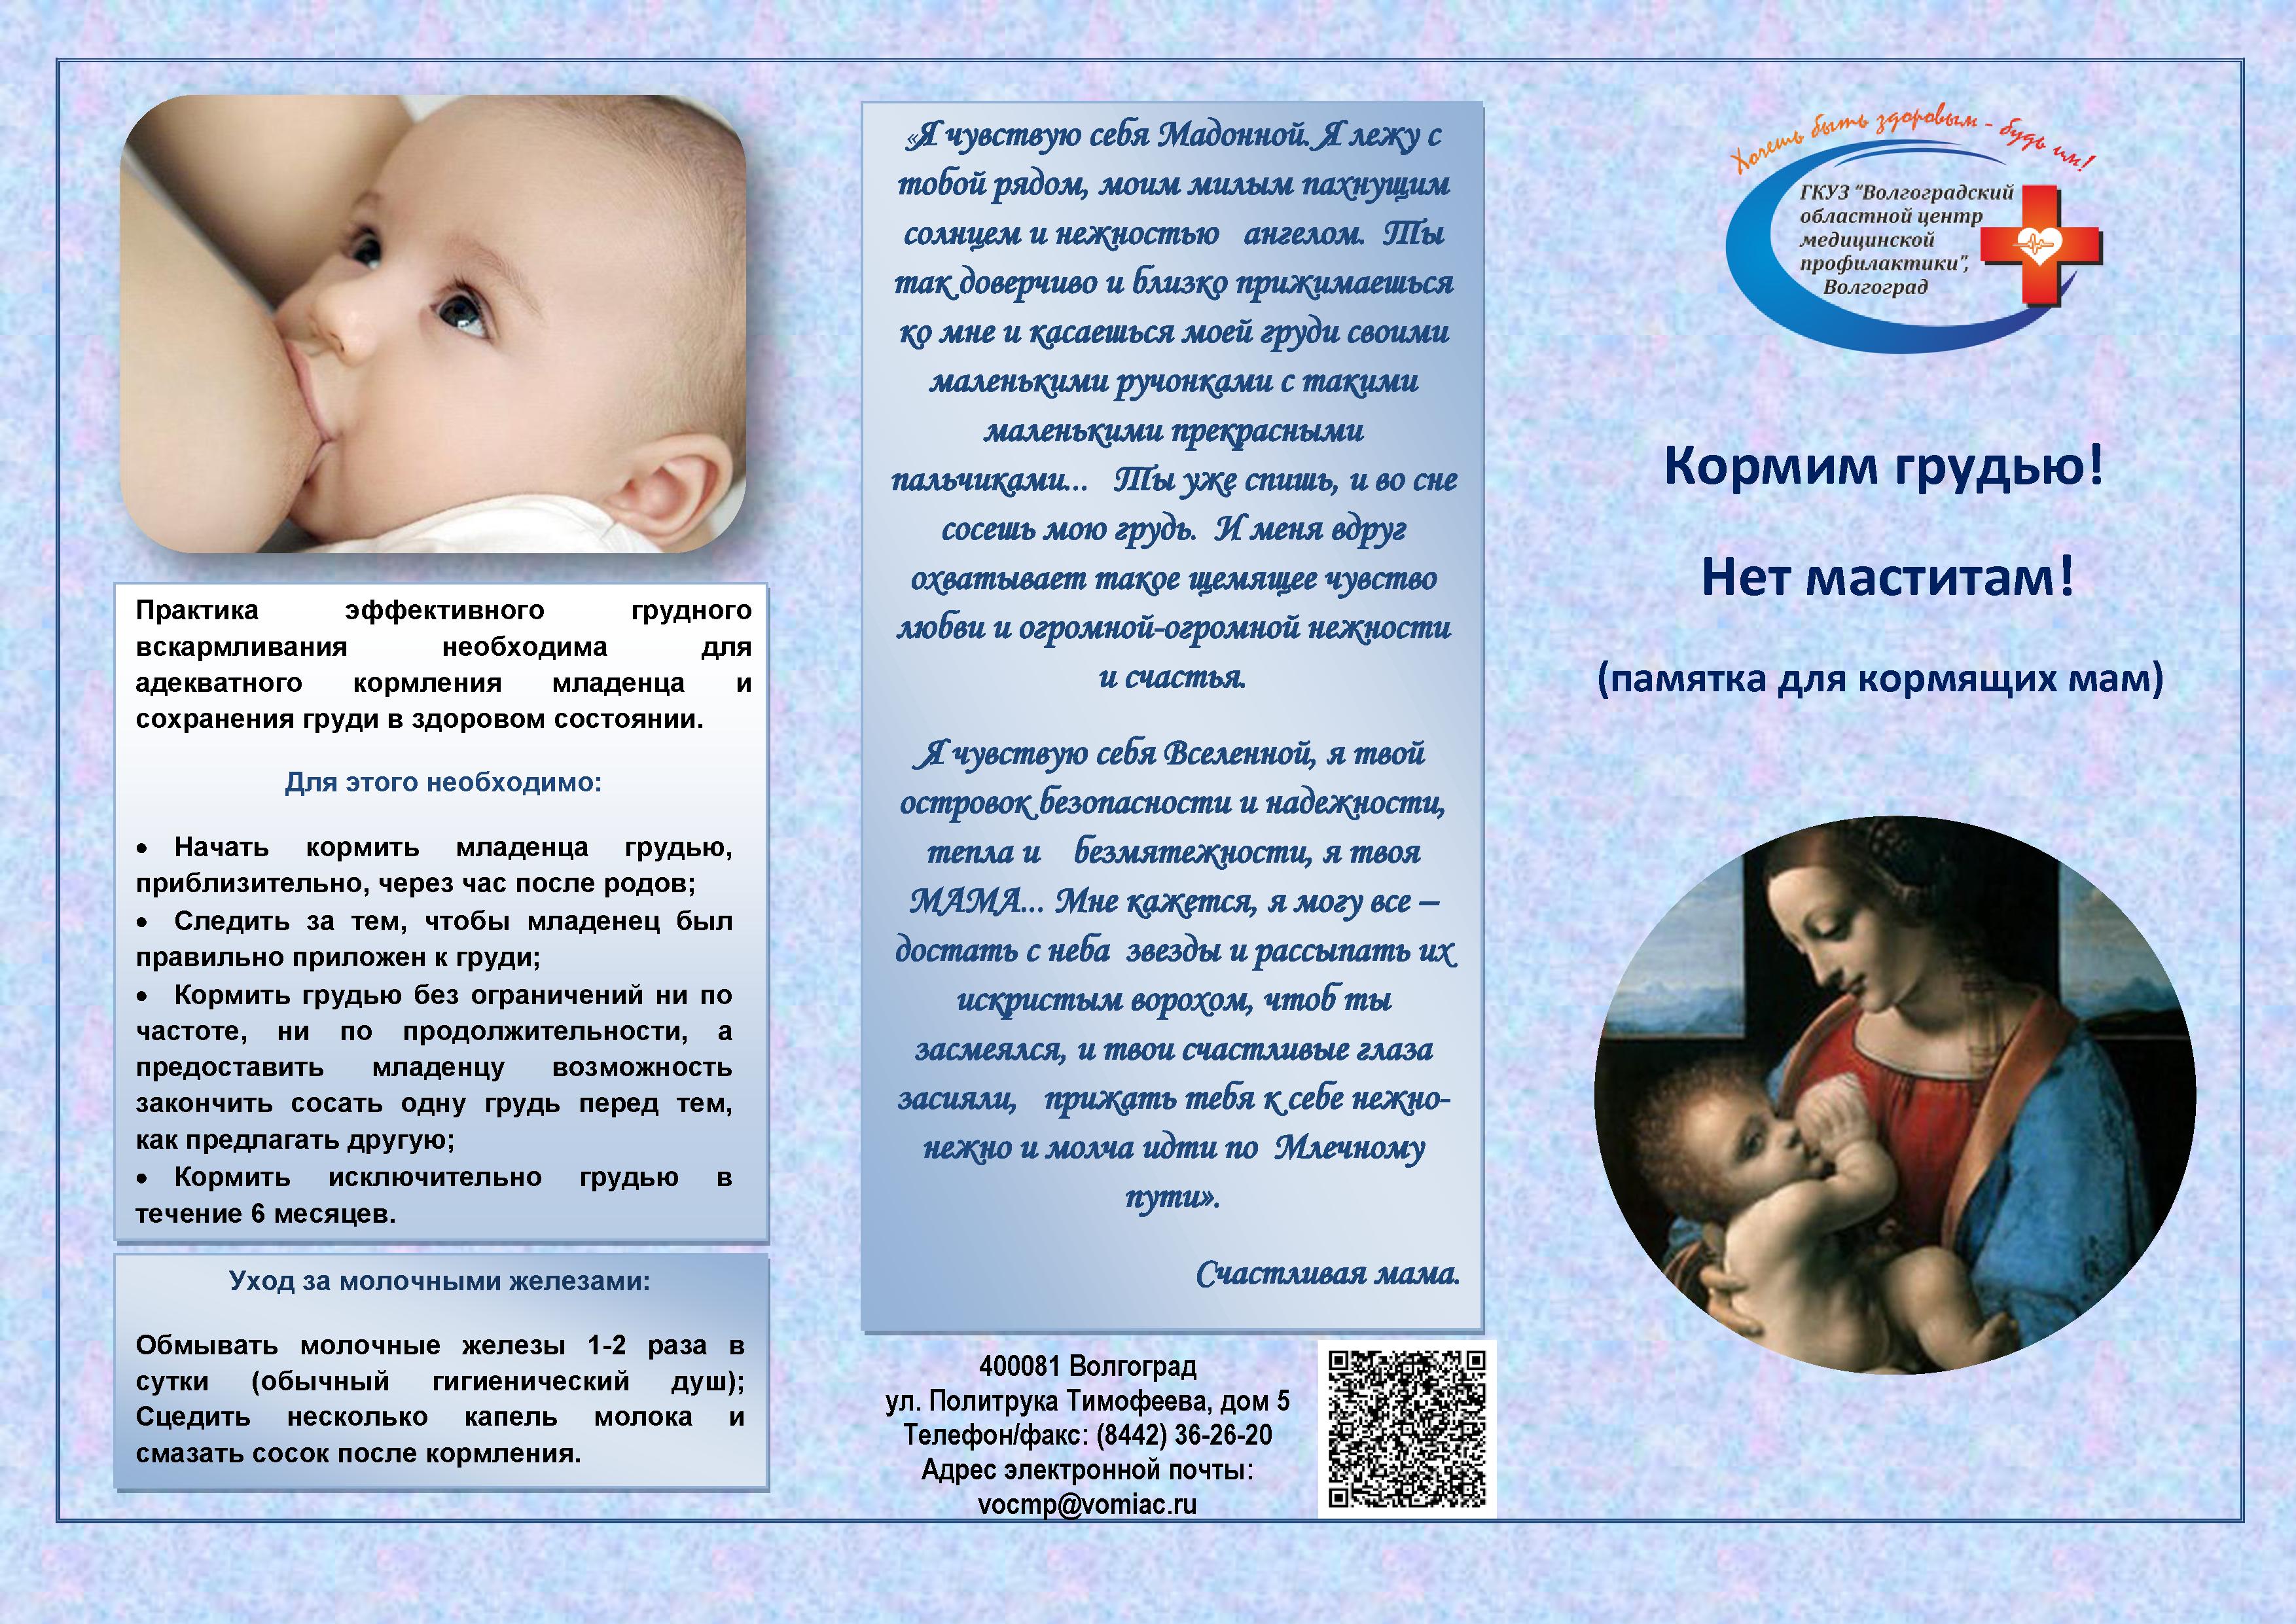 Гексорал при грудном вскармливании, можно ли принимать кормящей маме